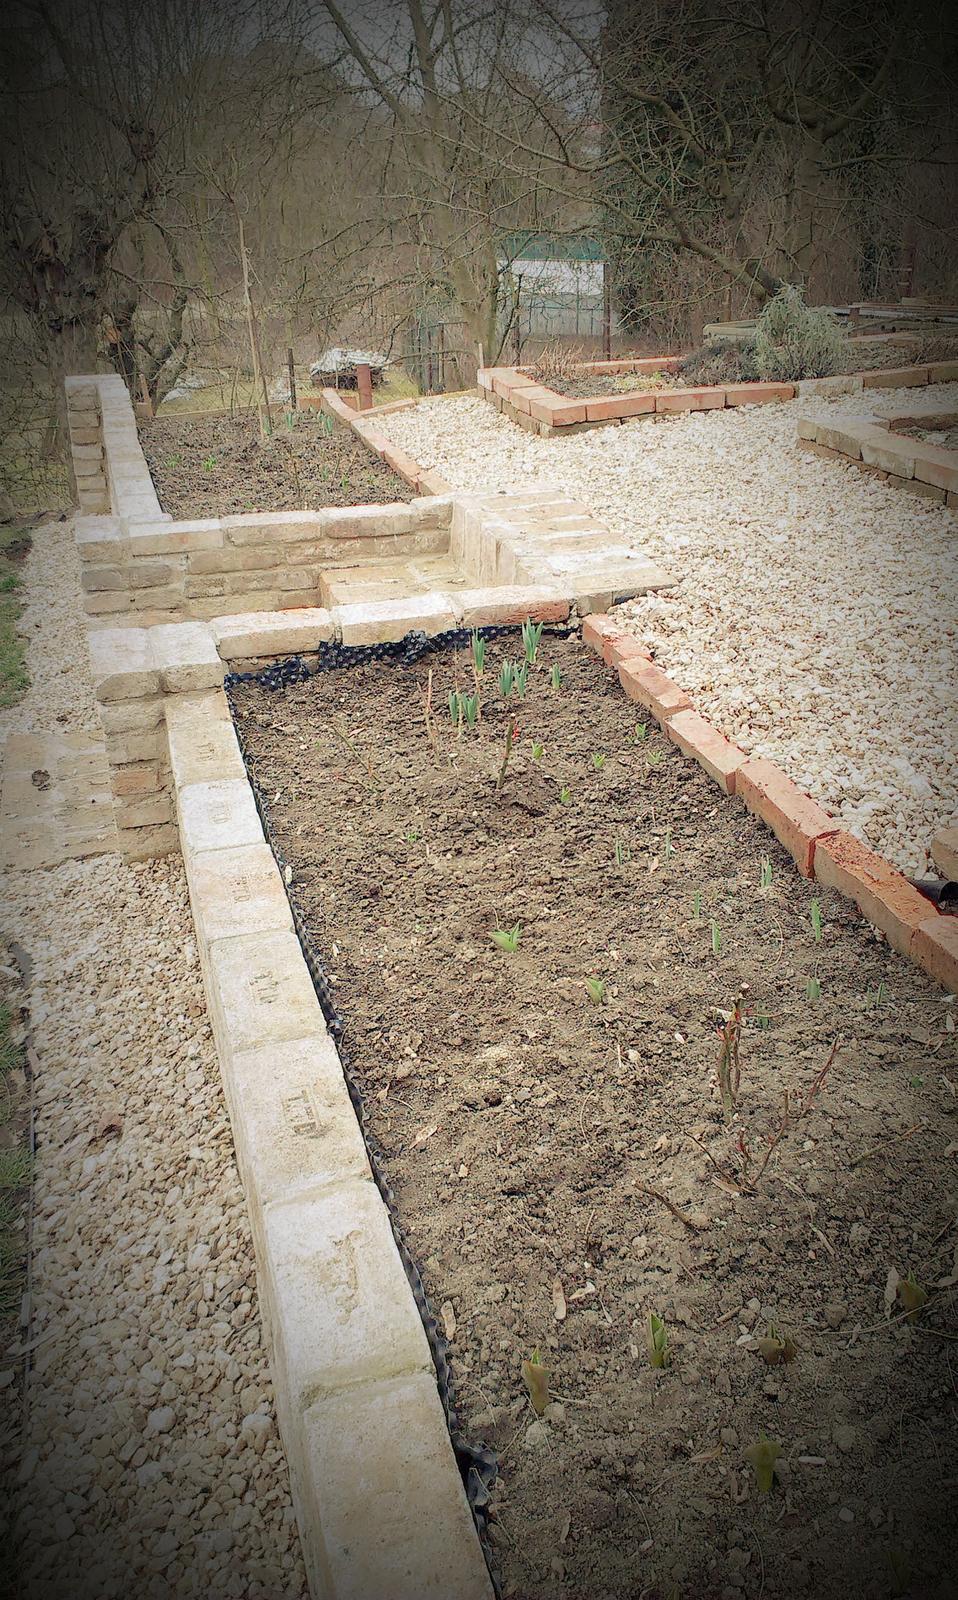 Záhrada - už to lezie - narcisy, tulipány a hyacinty